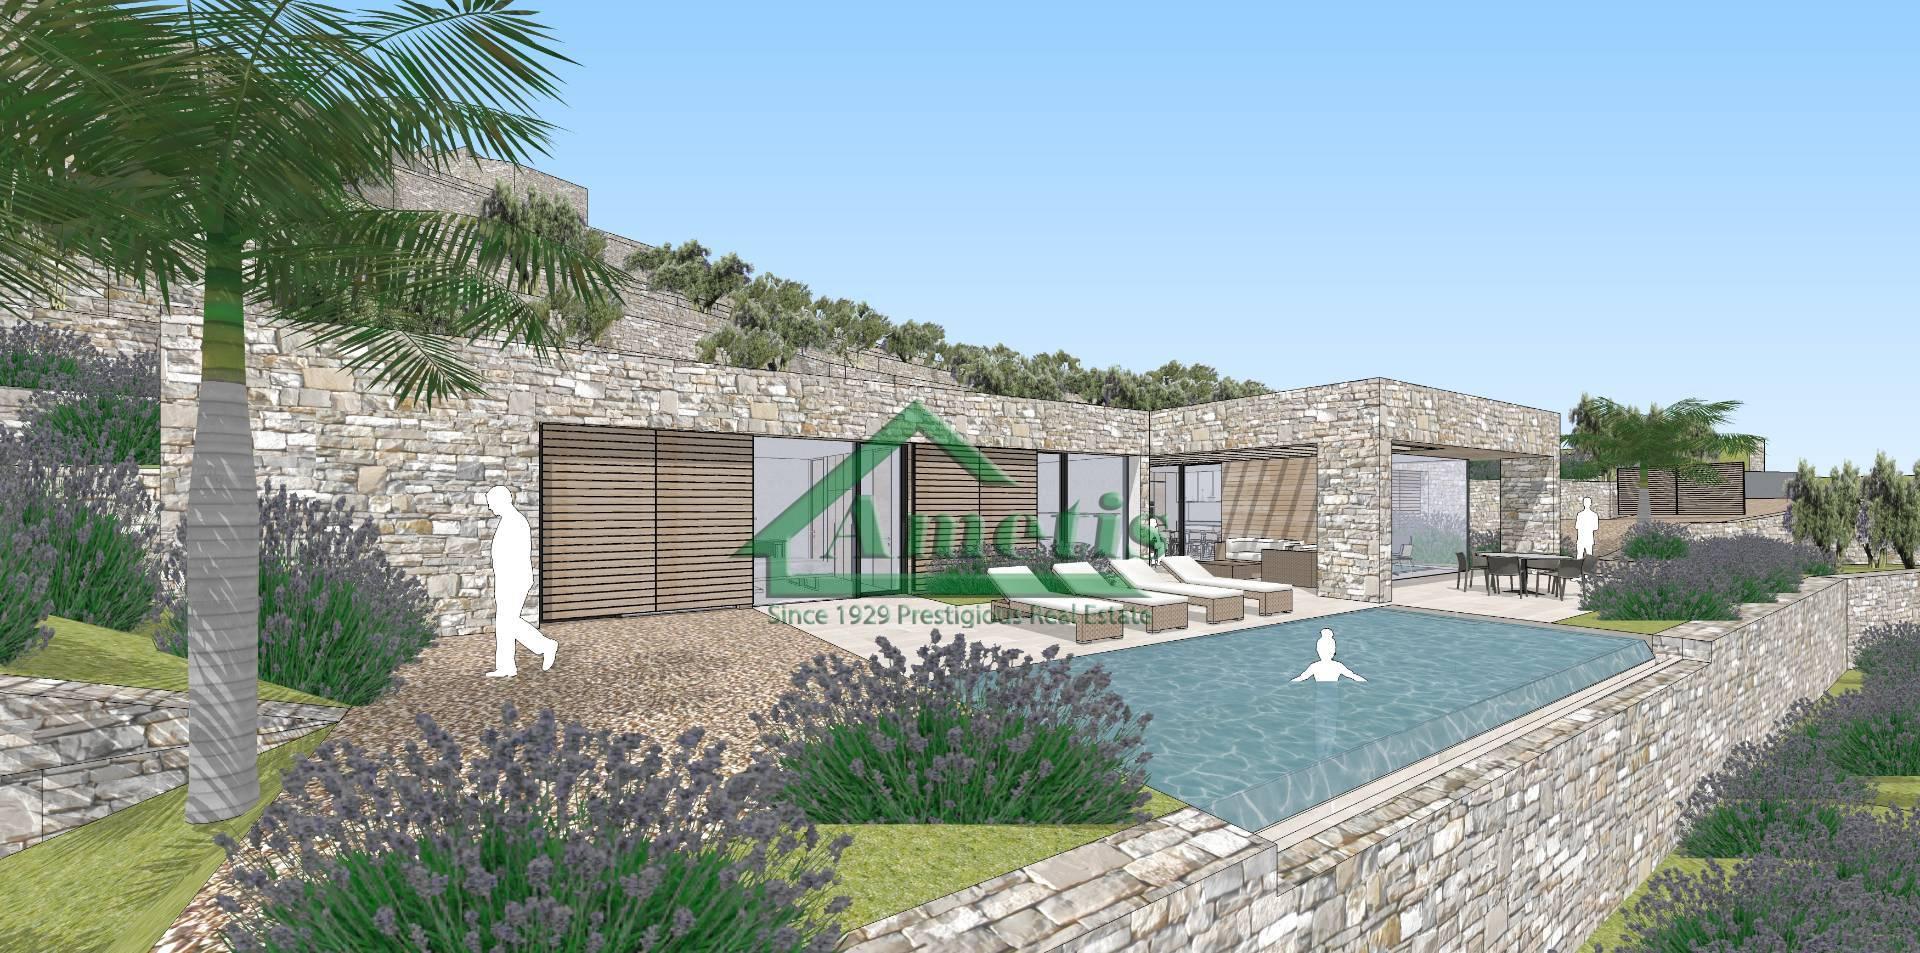 Villa in vendita a Diano Marina, 4 locali, zona Località: DianoSerreta, prezzo € 210.000 | PortaleAgenzieImmobiliari.it